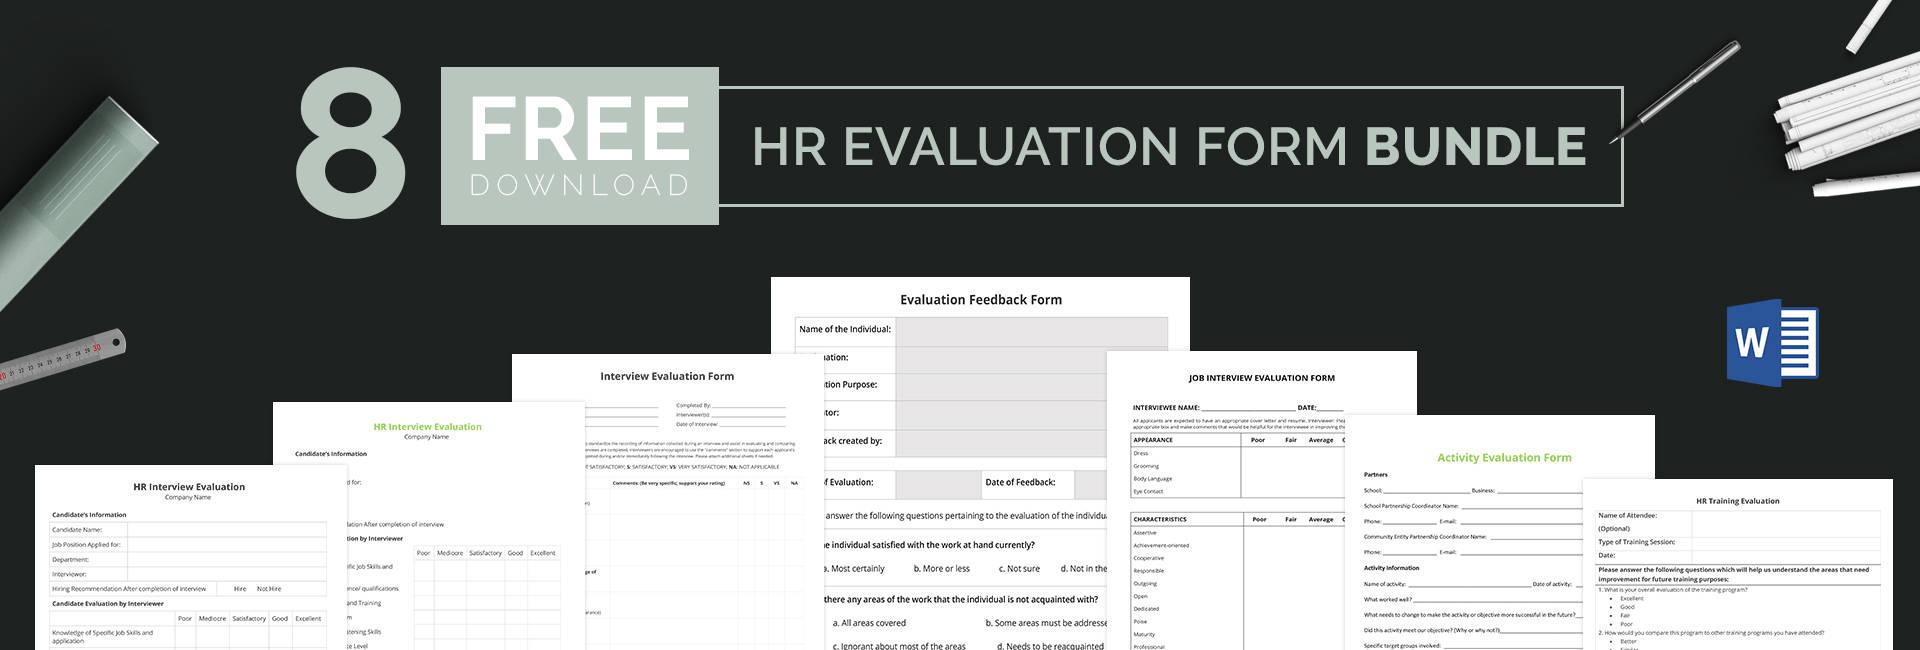 bundle hr evalution form